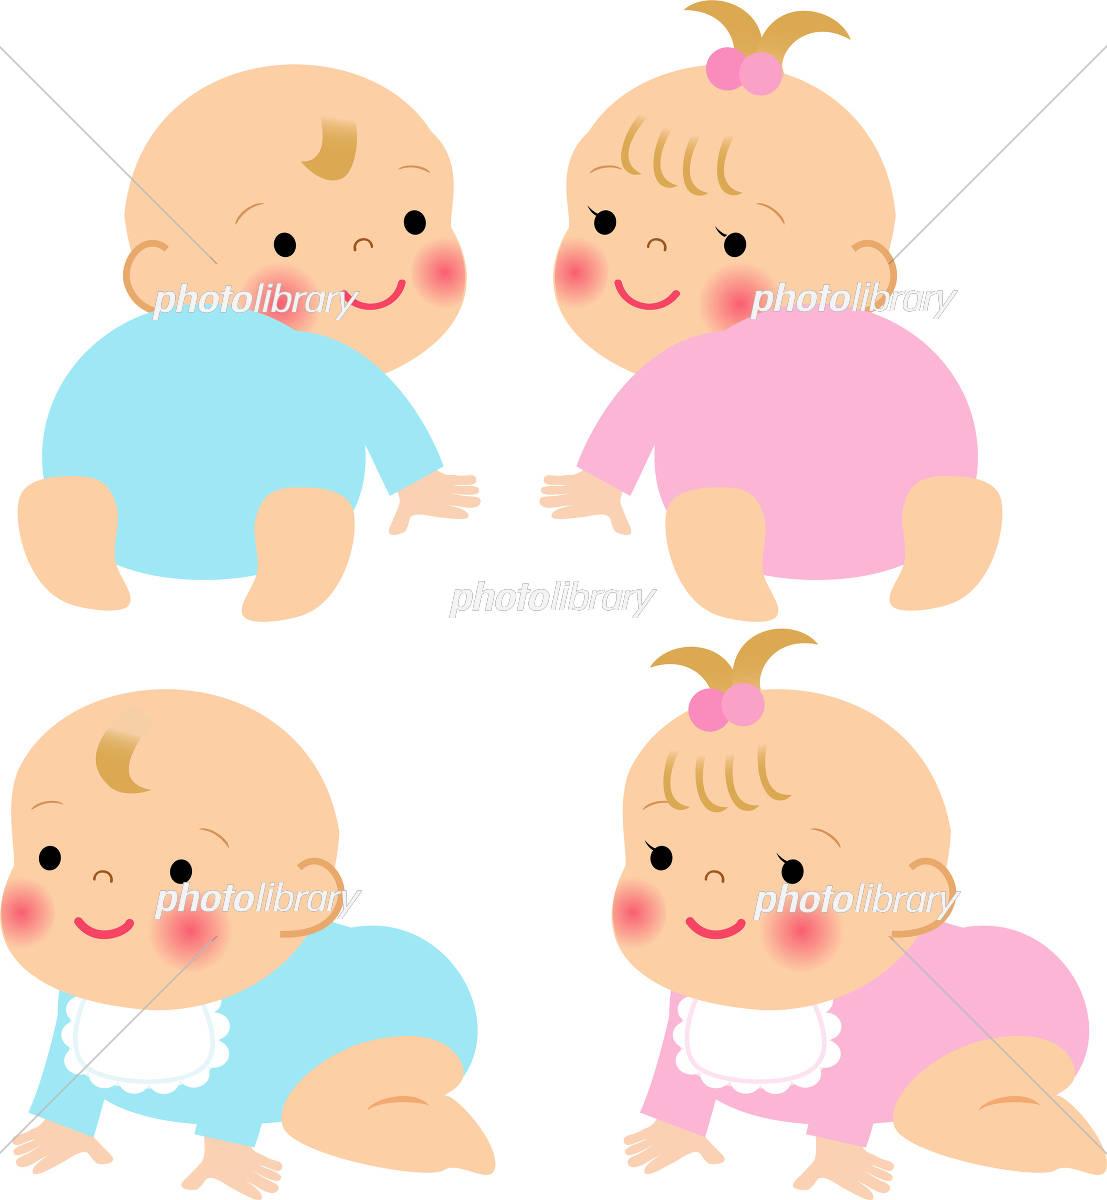 はいはいする赤ちゃん イラスト素材 5947186 フォトライブラリー